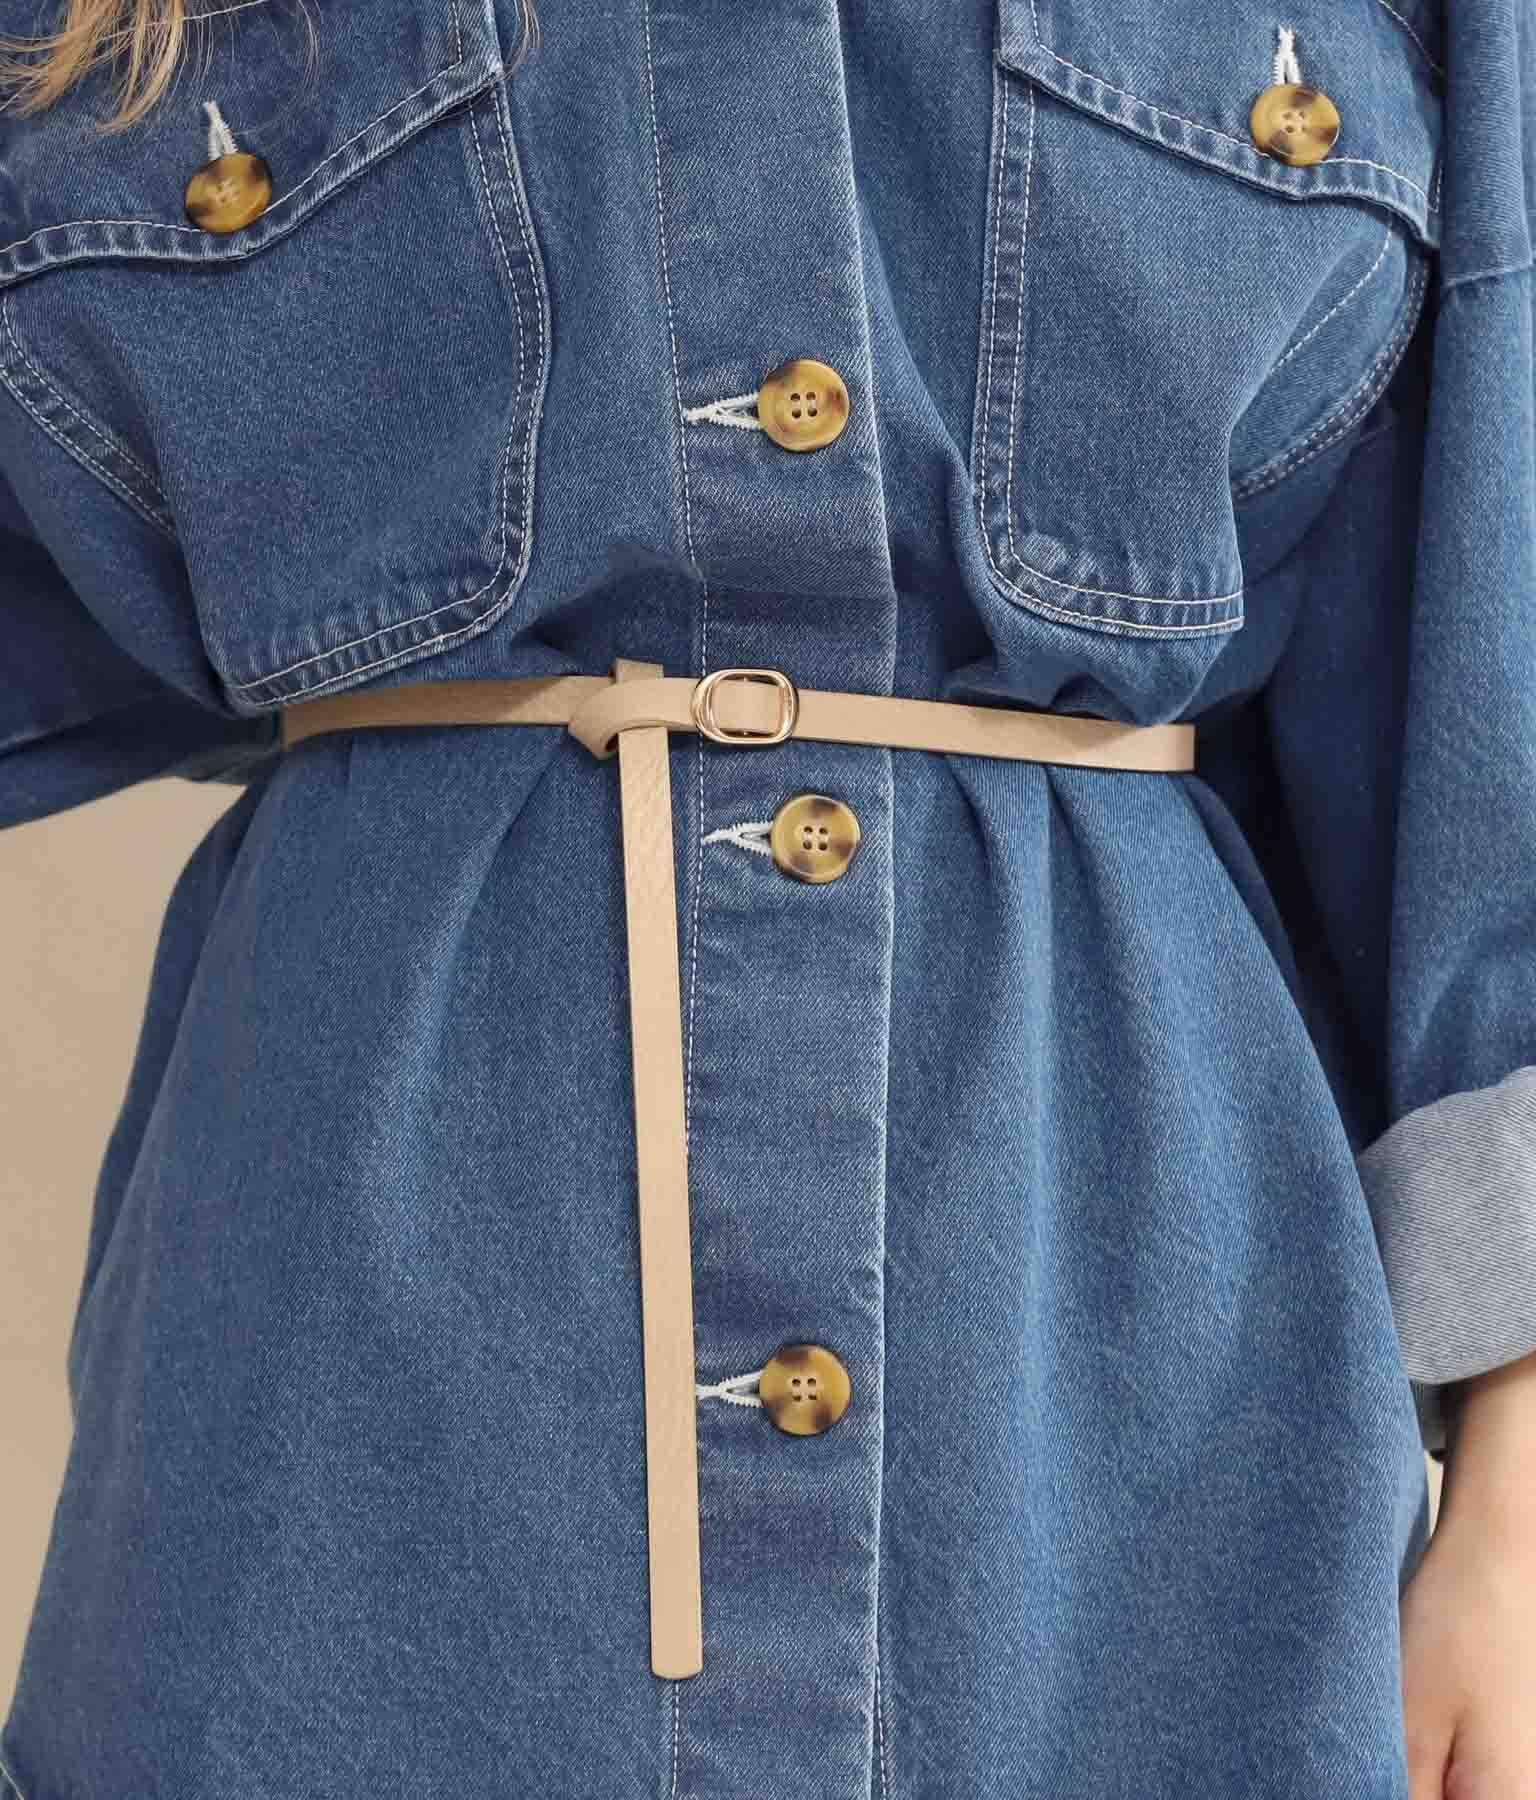 リバーシブル細ベルト(ファッション雑貨/ベルト) | CHILLE